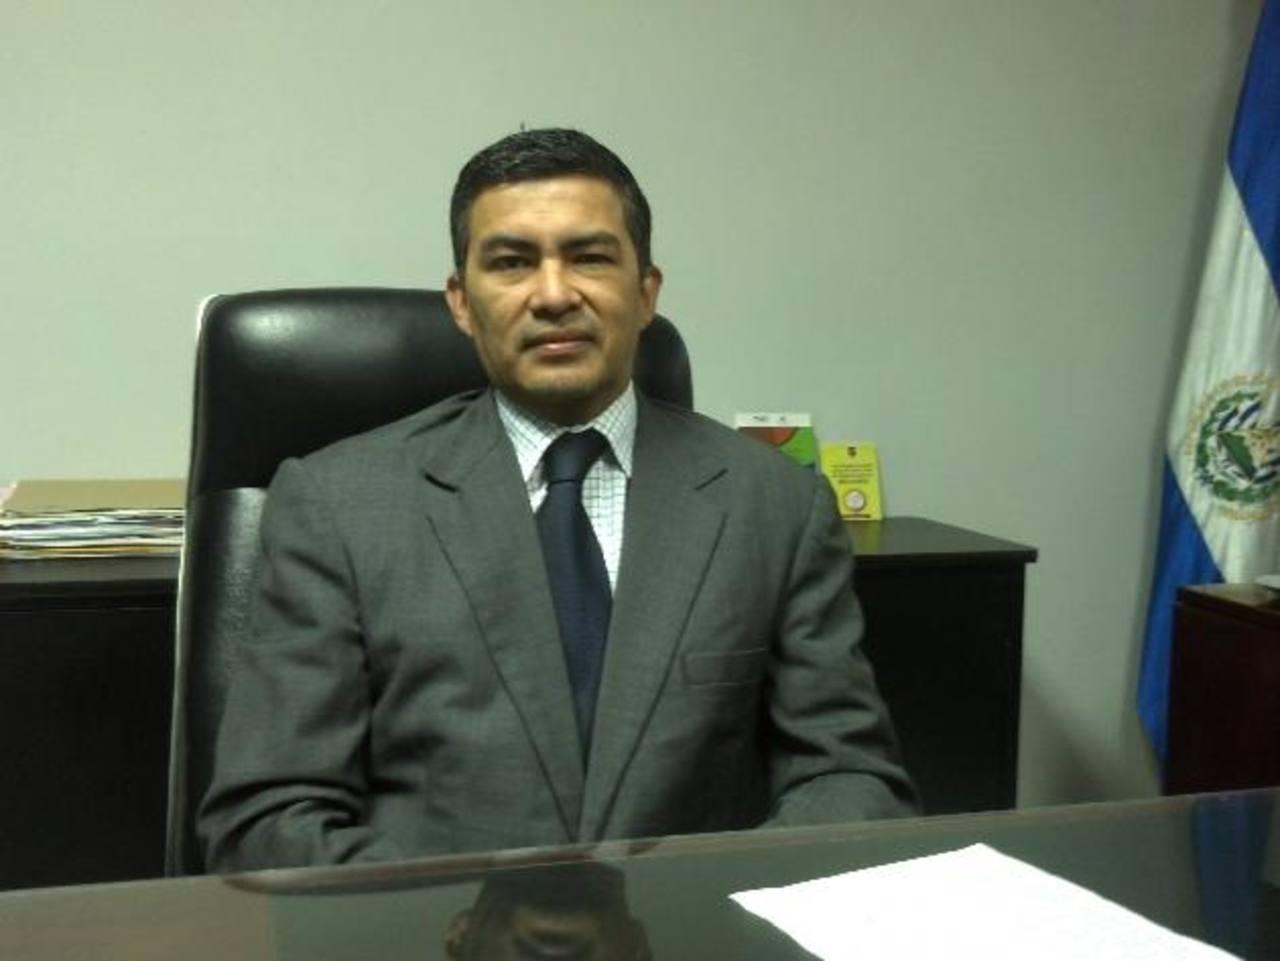 Para el juez 11o. de Paz, Aníbal Osorio, son válidas las diferentes opiniones en torno al caso CEL-Enel. Foto EDH / J. López